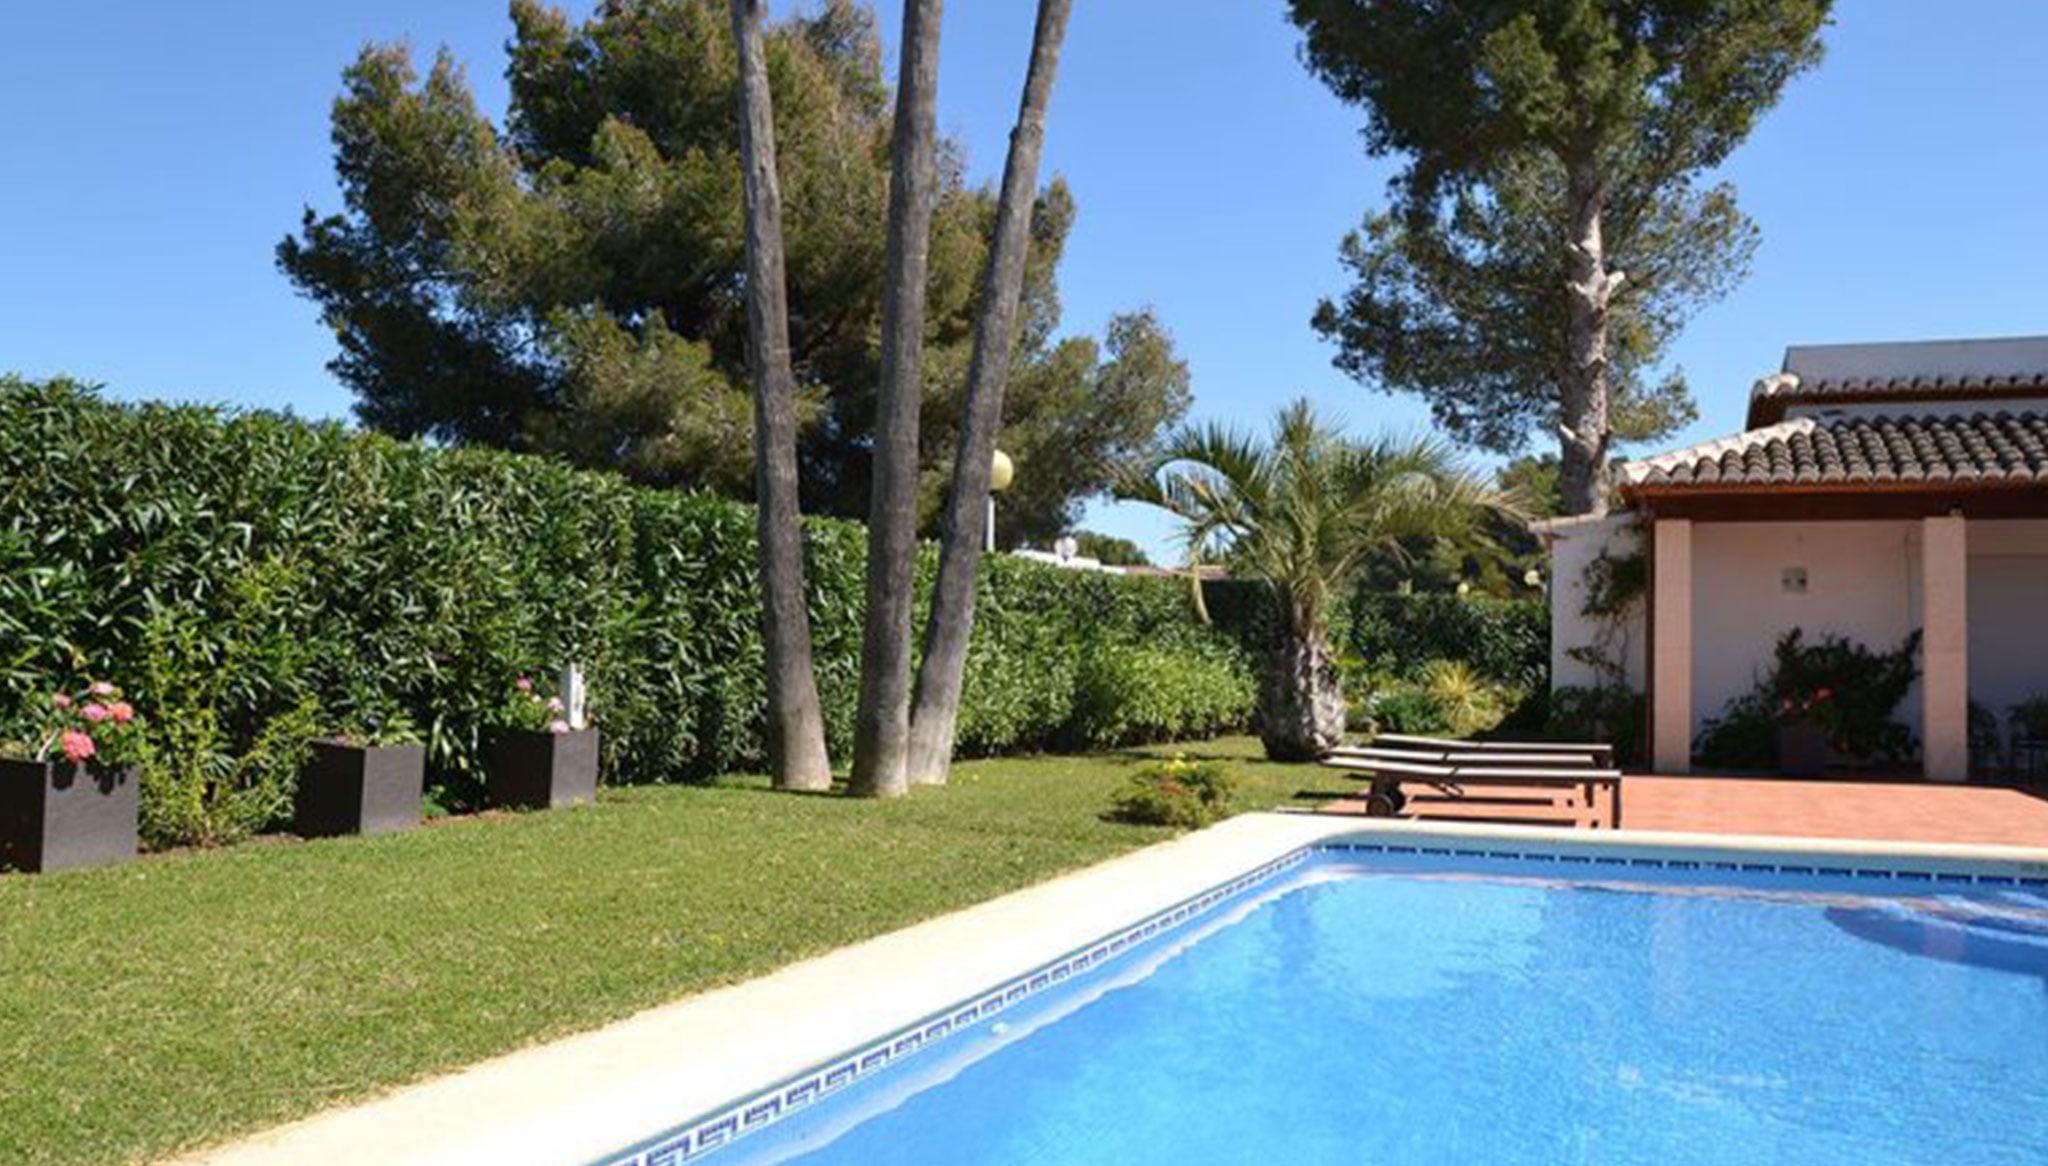 Mantenimiento de piscinas y jardines en ServiGardens